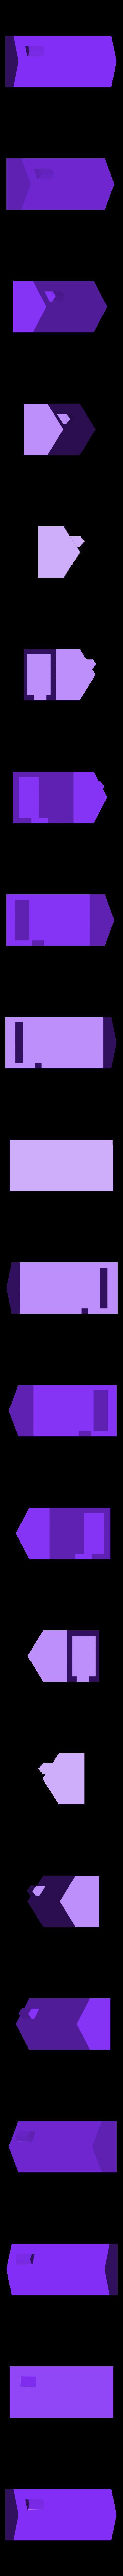 house-fuul2.stl Télécharger fichier STL gratuit Mini maisons • Design à imprimer en 3D, facuu